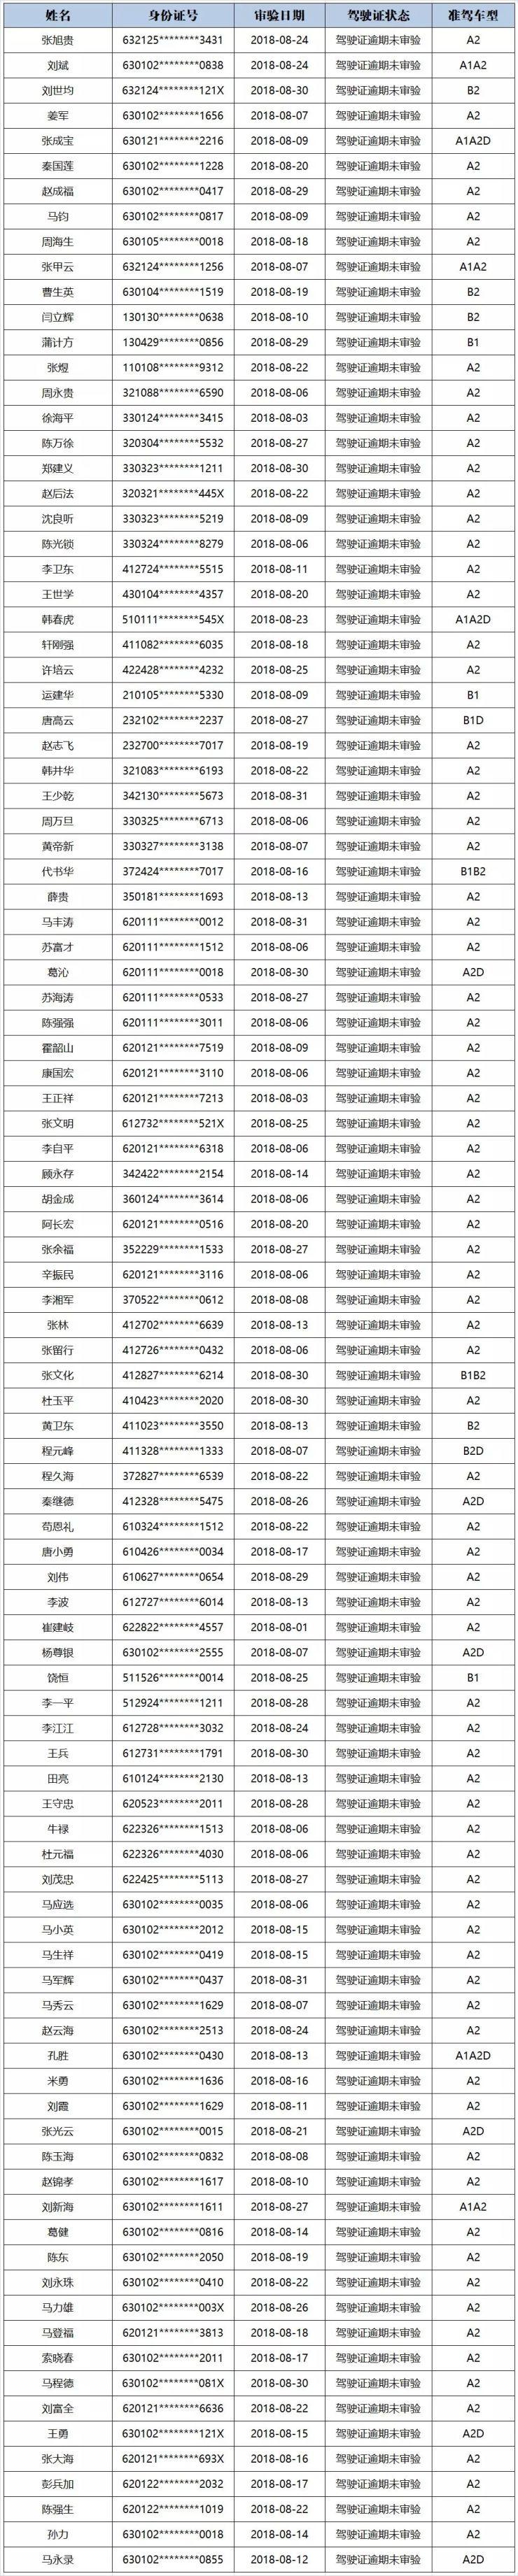 【今日西宁6件事】女子50万元信用卡被抢;西宁至武汉高铁即将建成